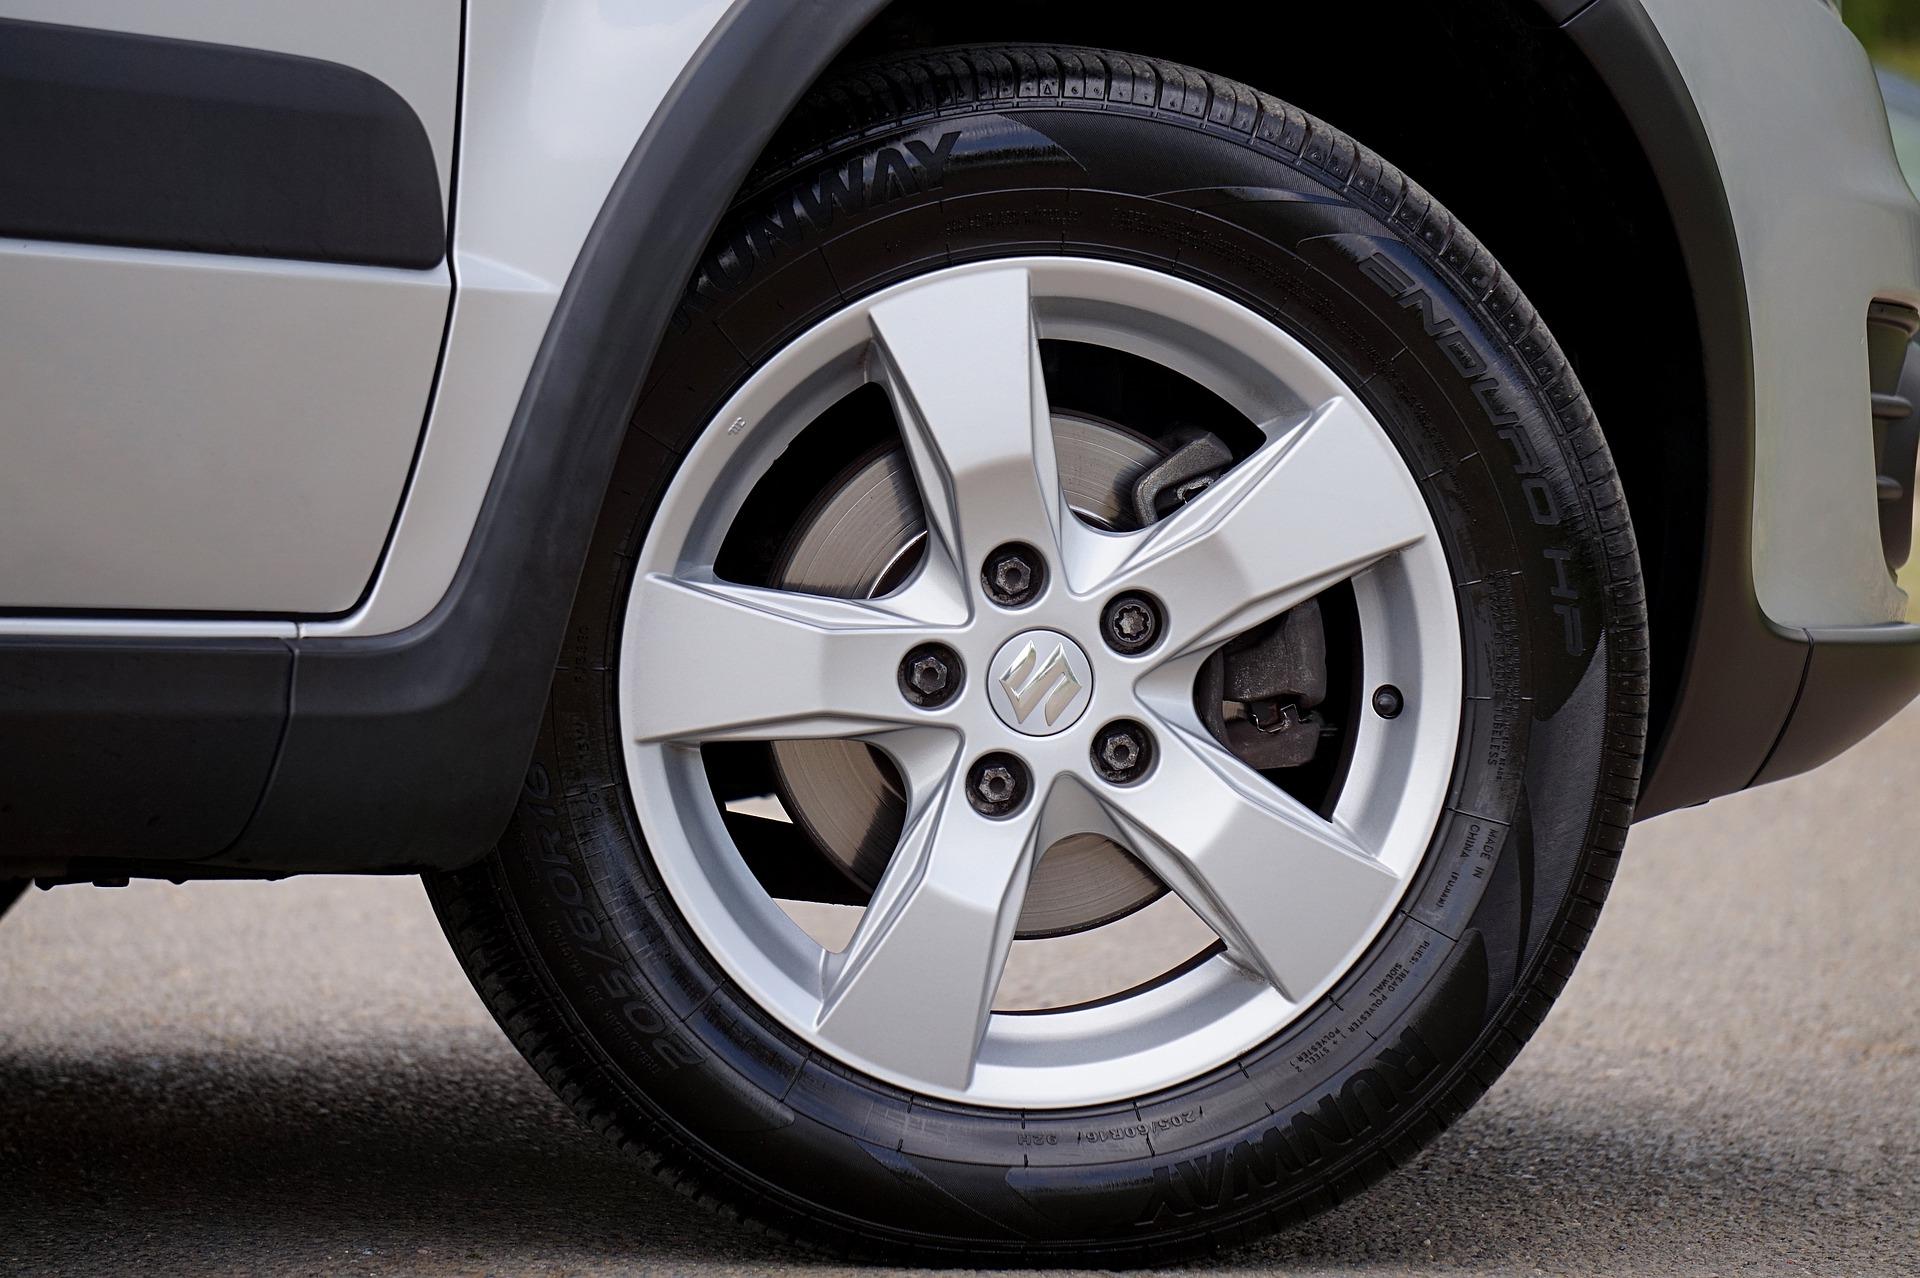 Silver Suzuki wheel with logo